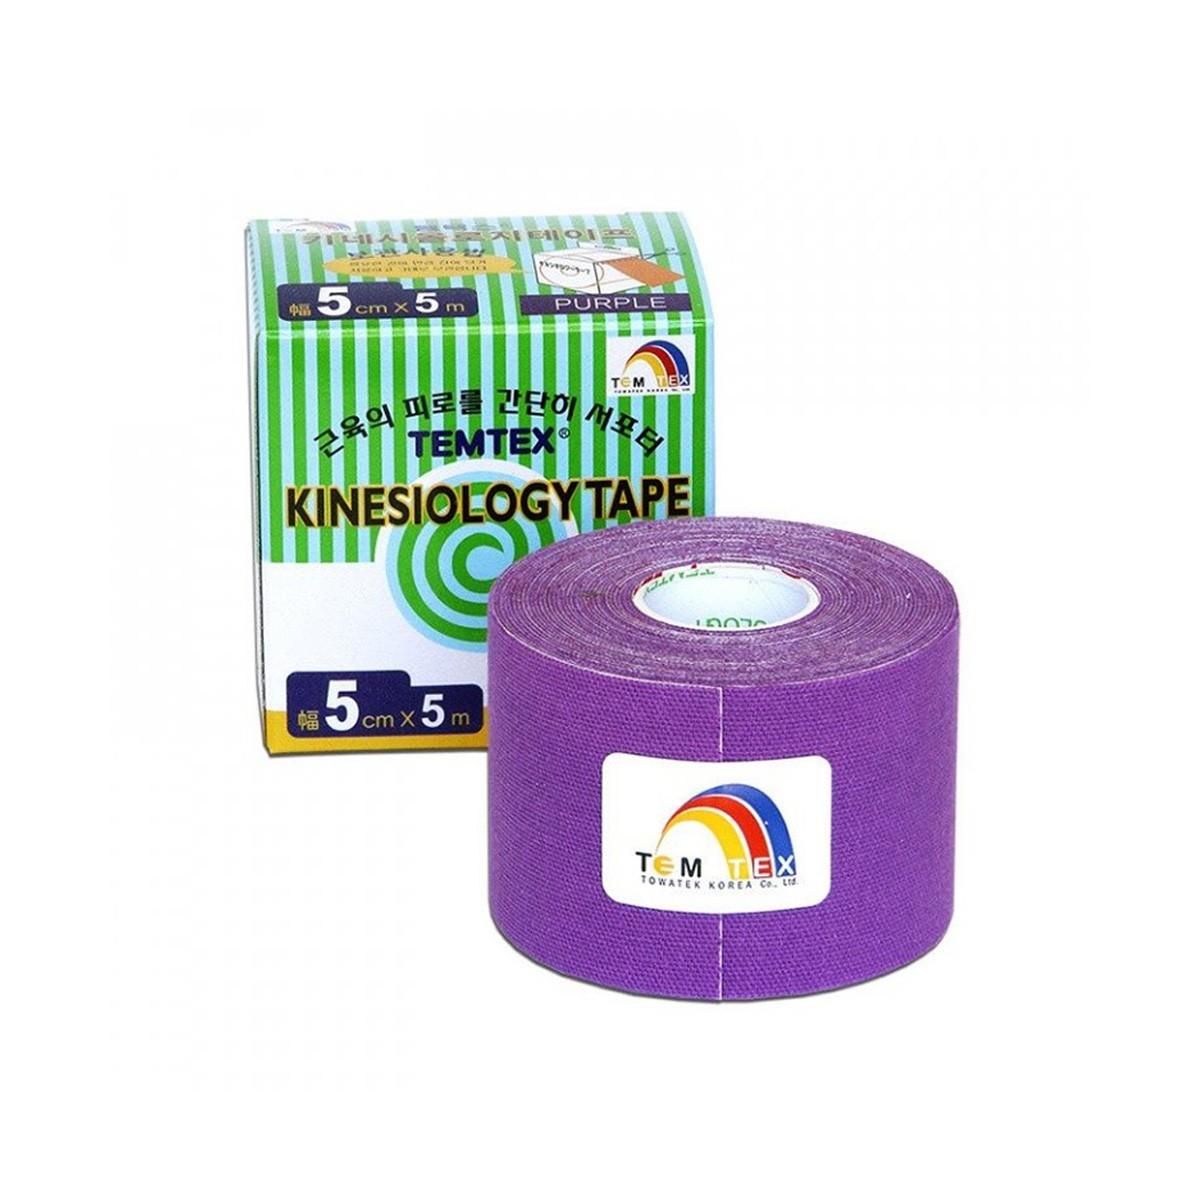 Tejp. TEMTEX kinesio tape fialová 5cmx5m + Ke 2 ks tejpů TEMTEX chladivý-hřejivý polštářek zdarma